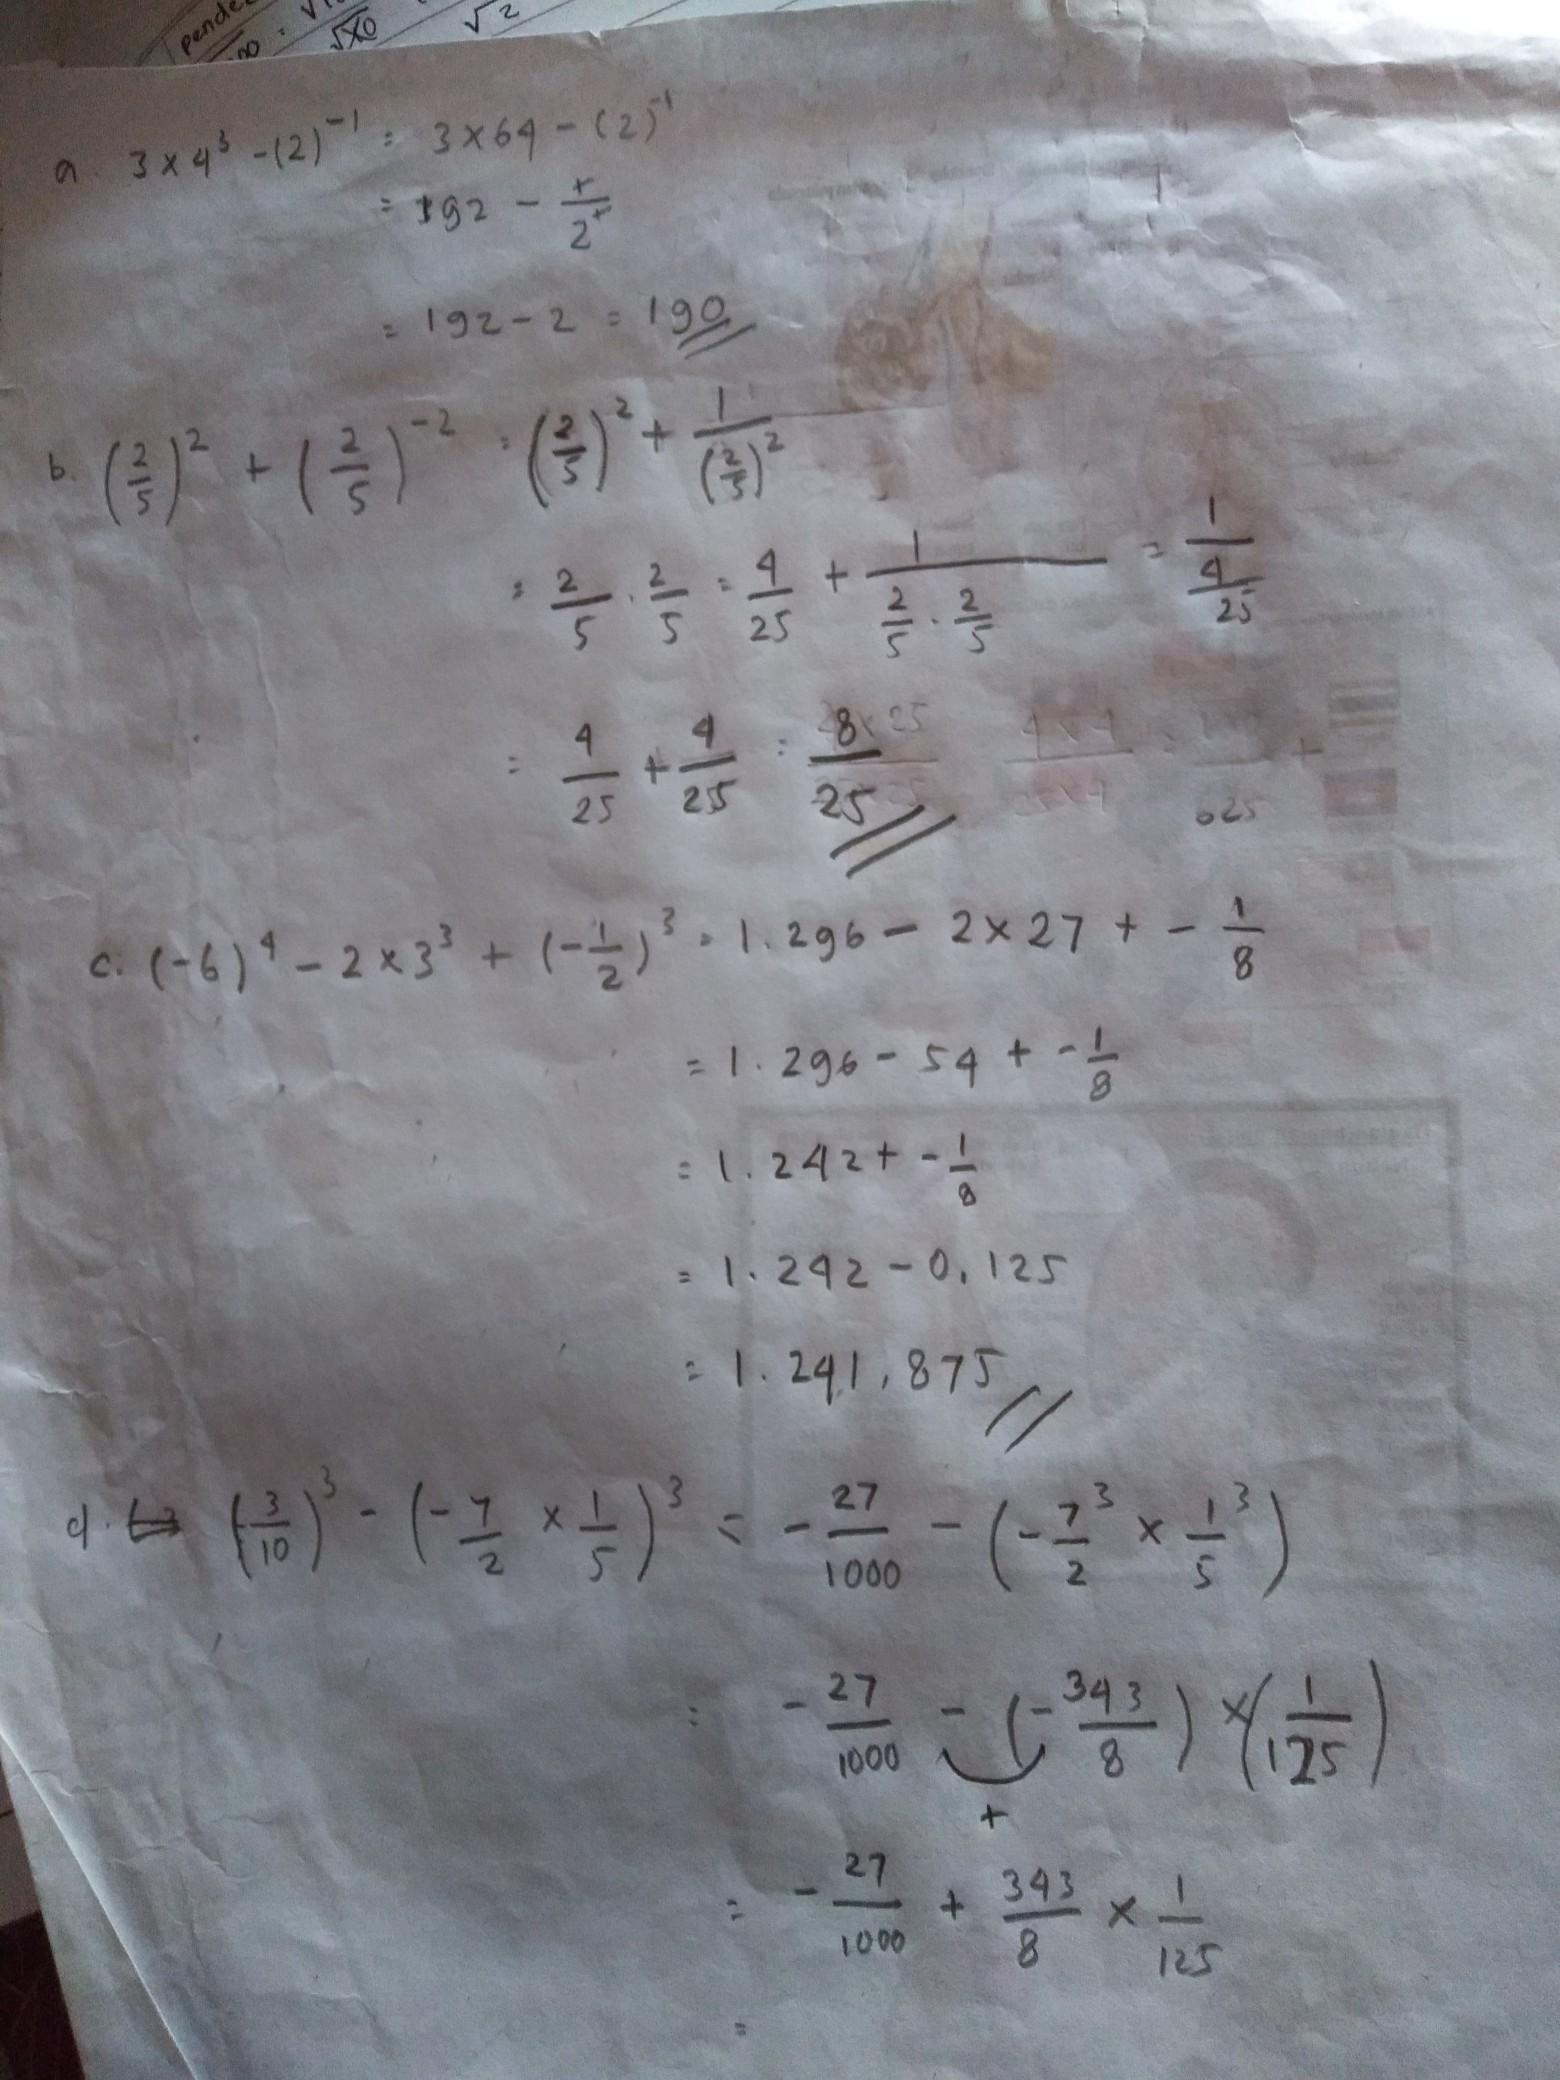 Tentukan Hasil Operasi Bilangan Berpangkat : tentukan, hasil, operasi, bilangan, berpangkat, Tentukan, Hasil, Operasi, Bilangan, Berpangkat, Berikut, 3×4³-2^-1, B.(2/5²)+(2/5)^-2, Brainly.co.id